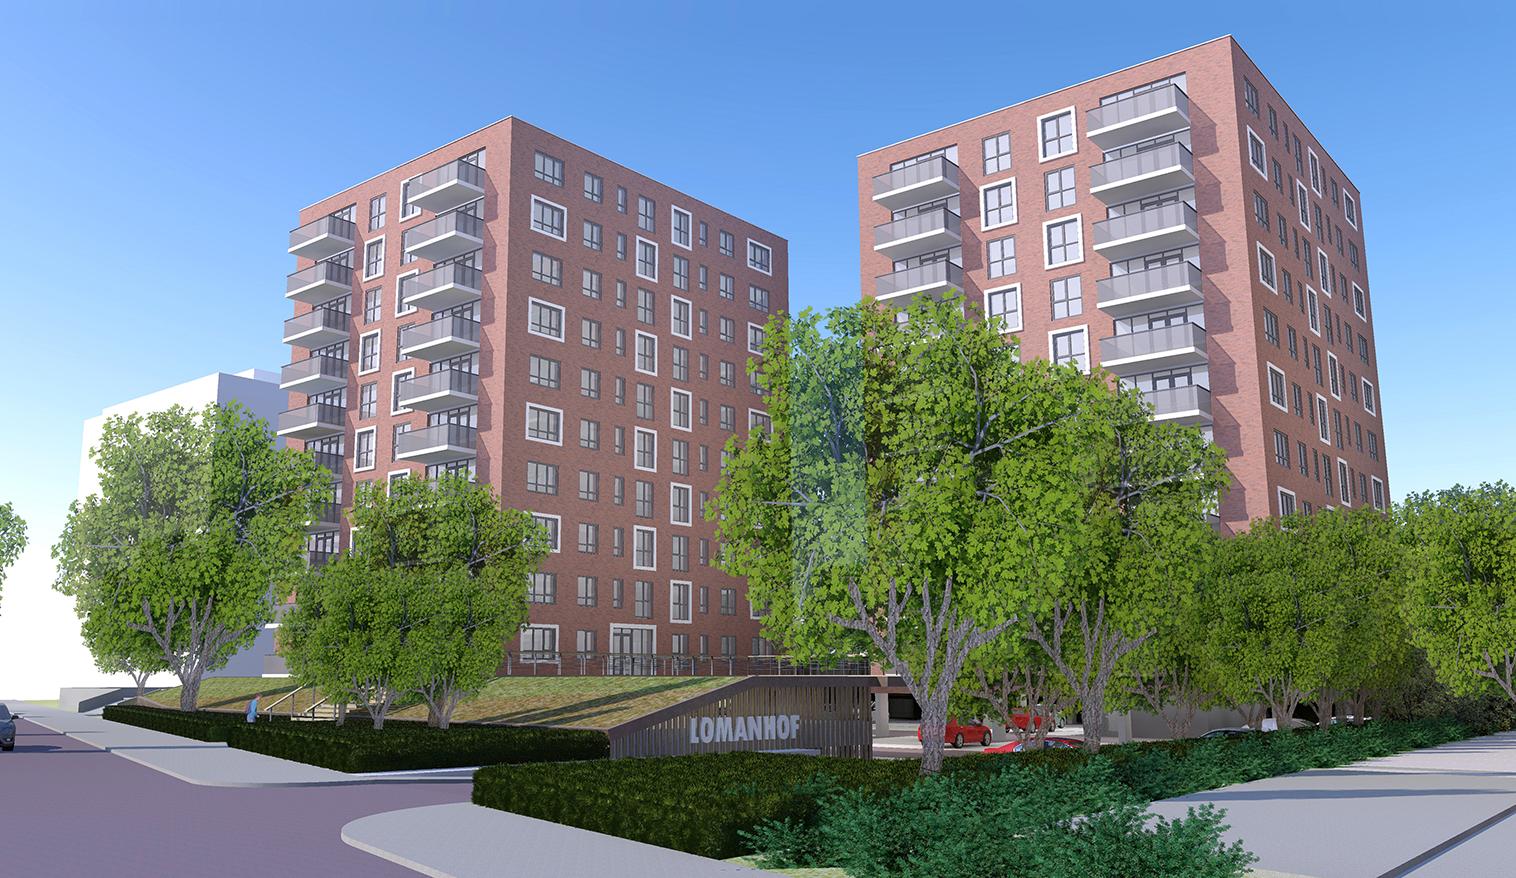 01 OPL Architecten_Lomanlaan Utrecht-1516×878-72dpi